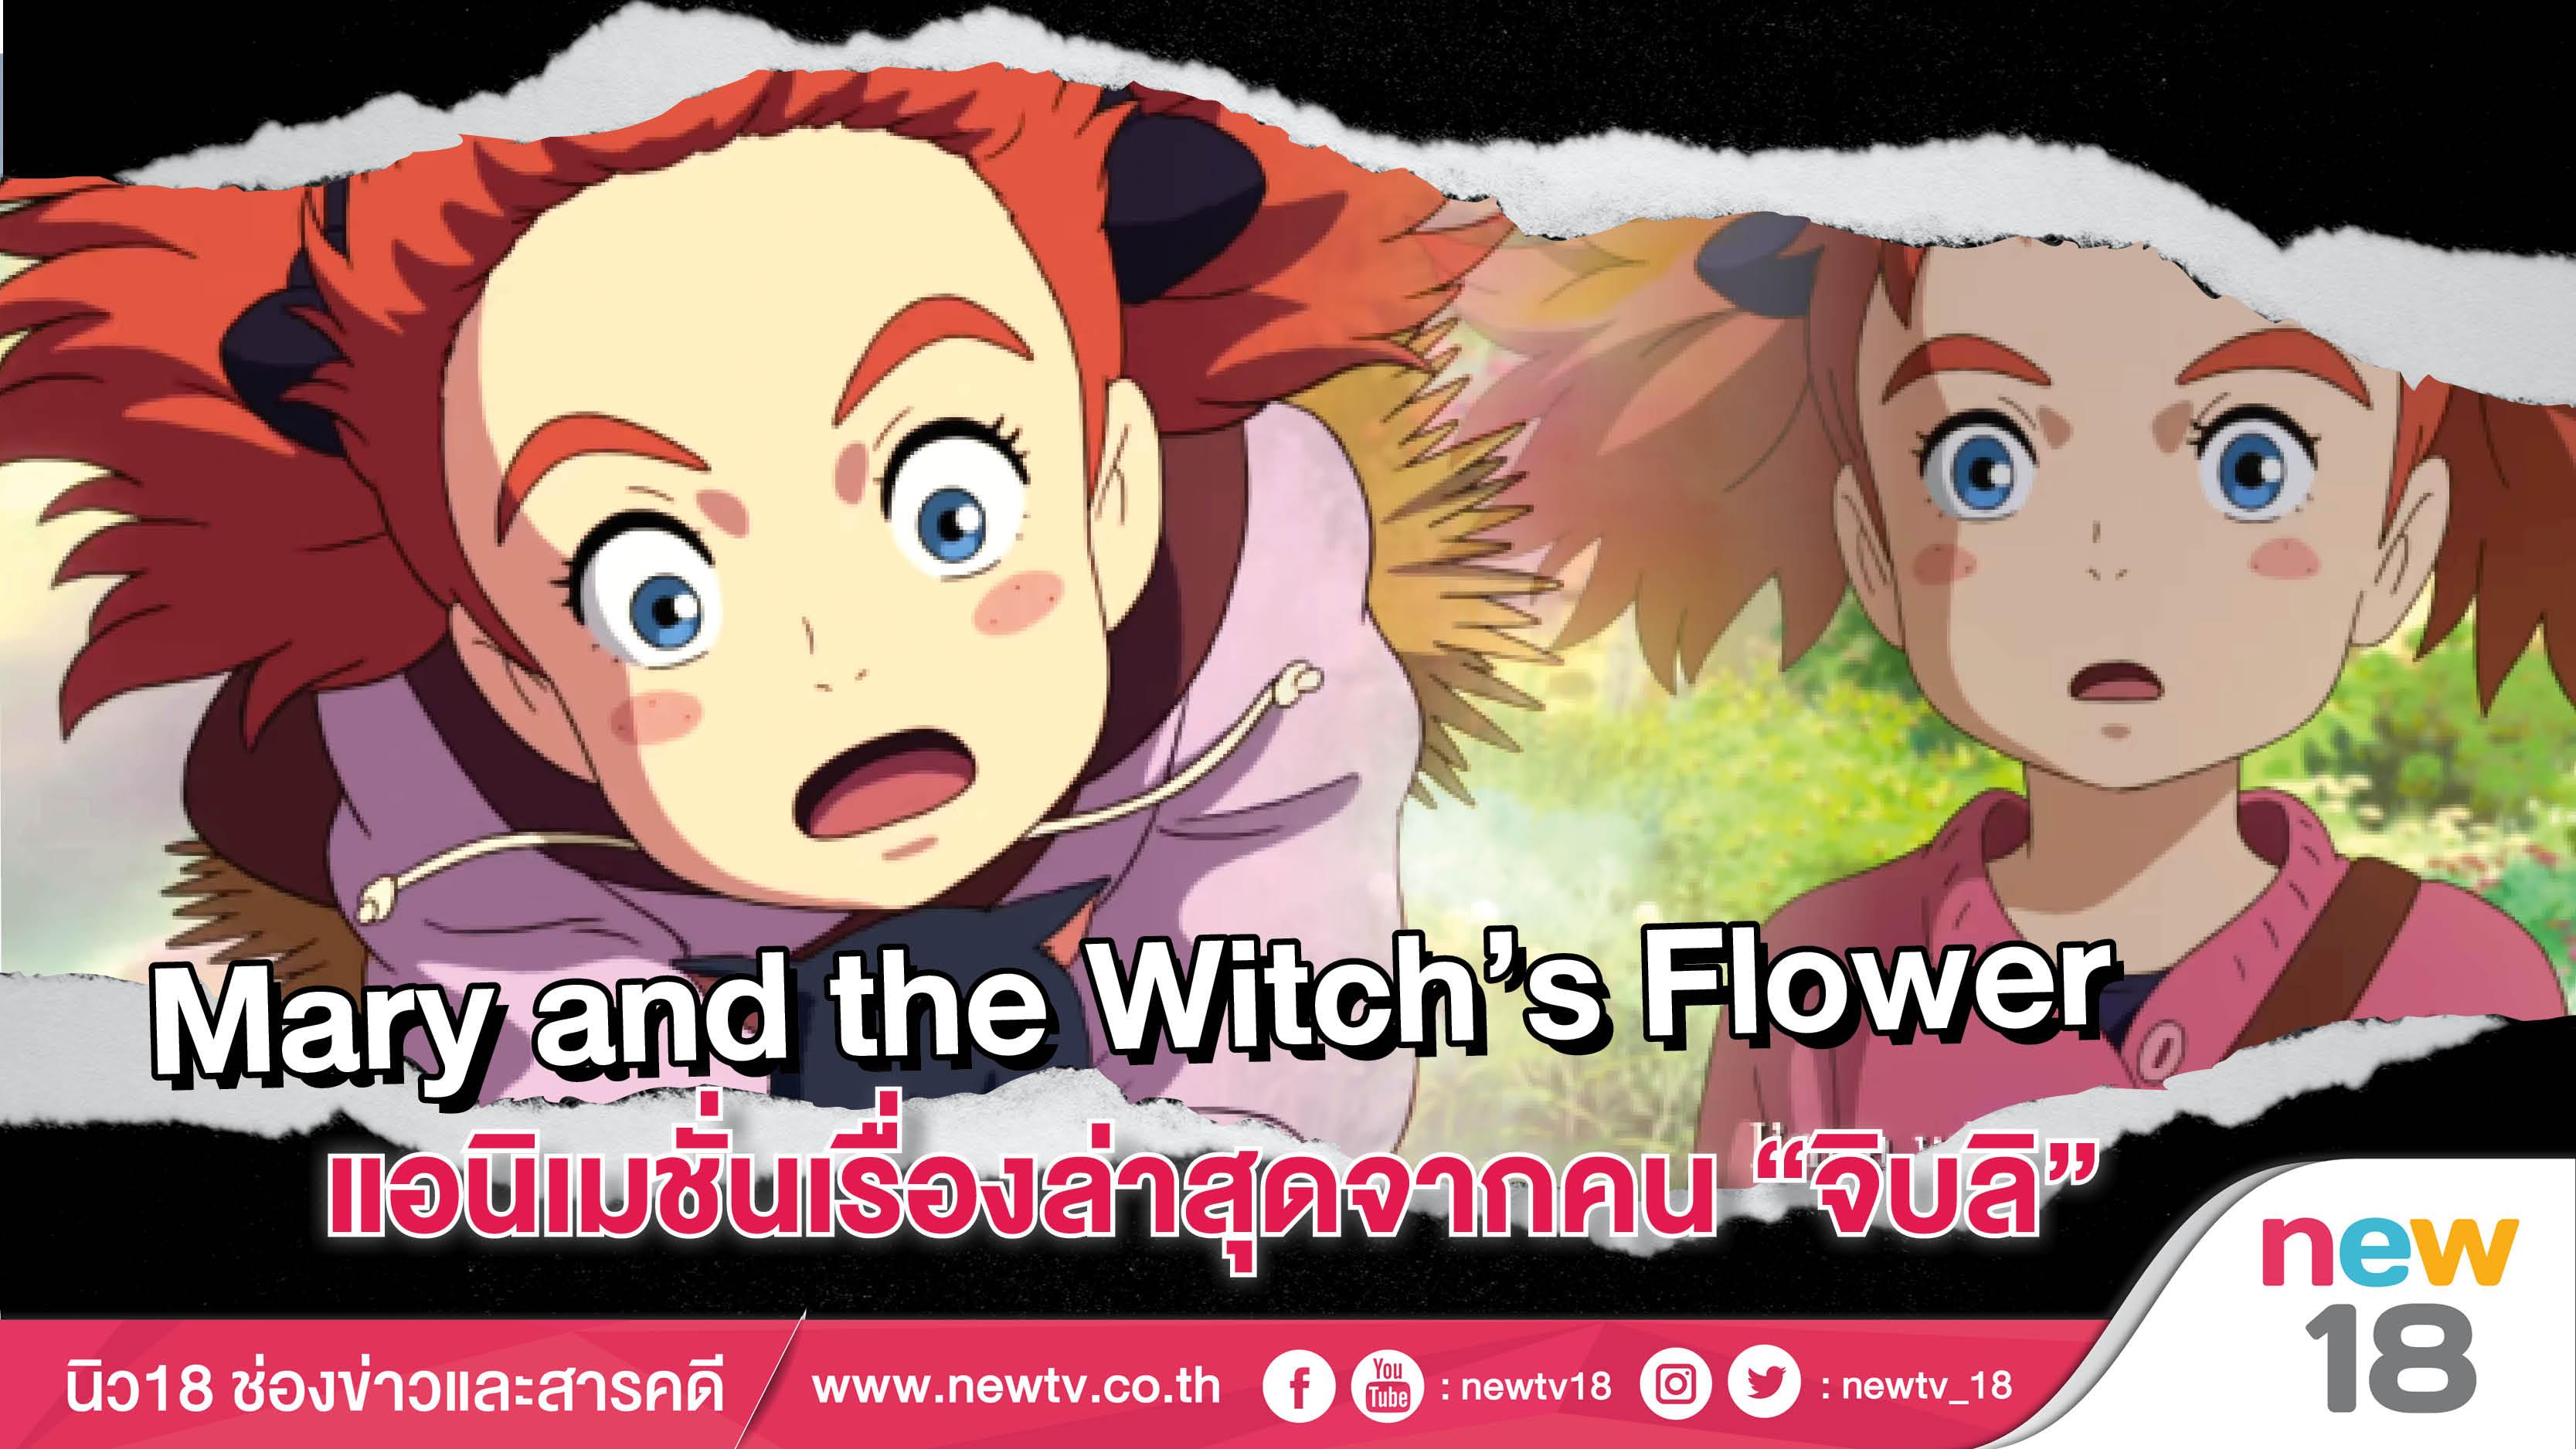 """""""Mary and the Witch's Flower"""" แอนิเมชั่นเรื่องล่าสุดจากคน """"จิบลิ"""""""